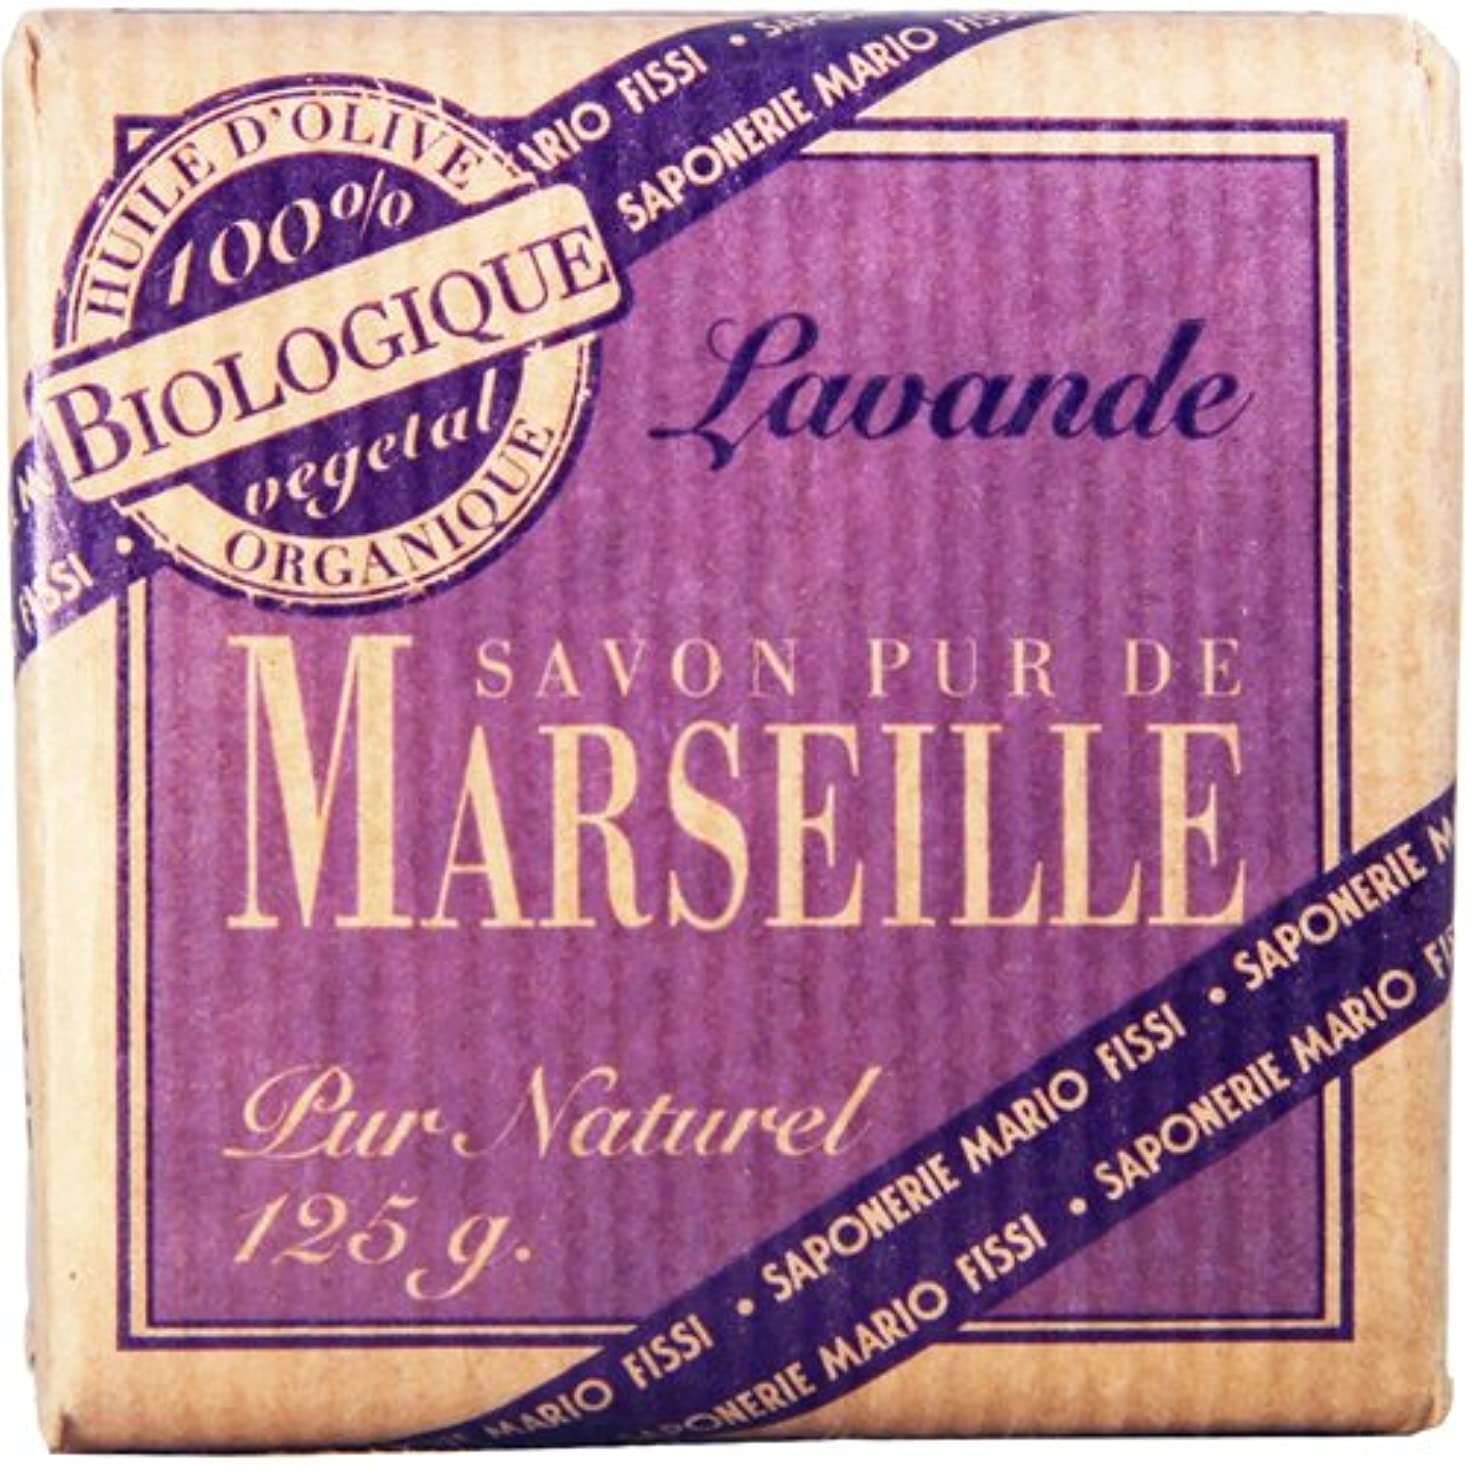 カヌーアンビエント花輪Saponerire Fissi マルセイユシリーズ マルセイユソープ 125g Lavender ラベンダー